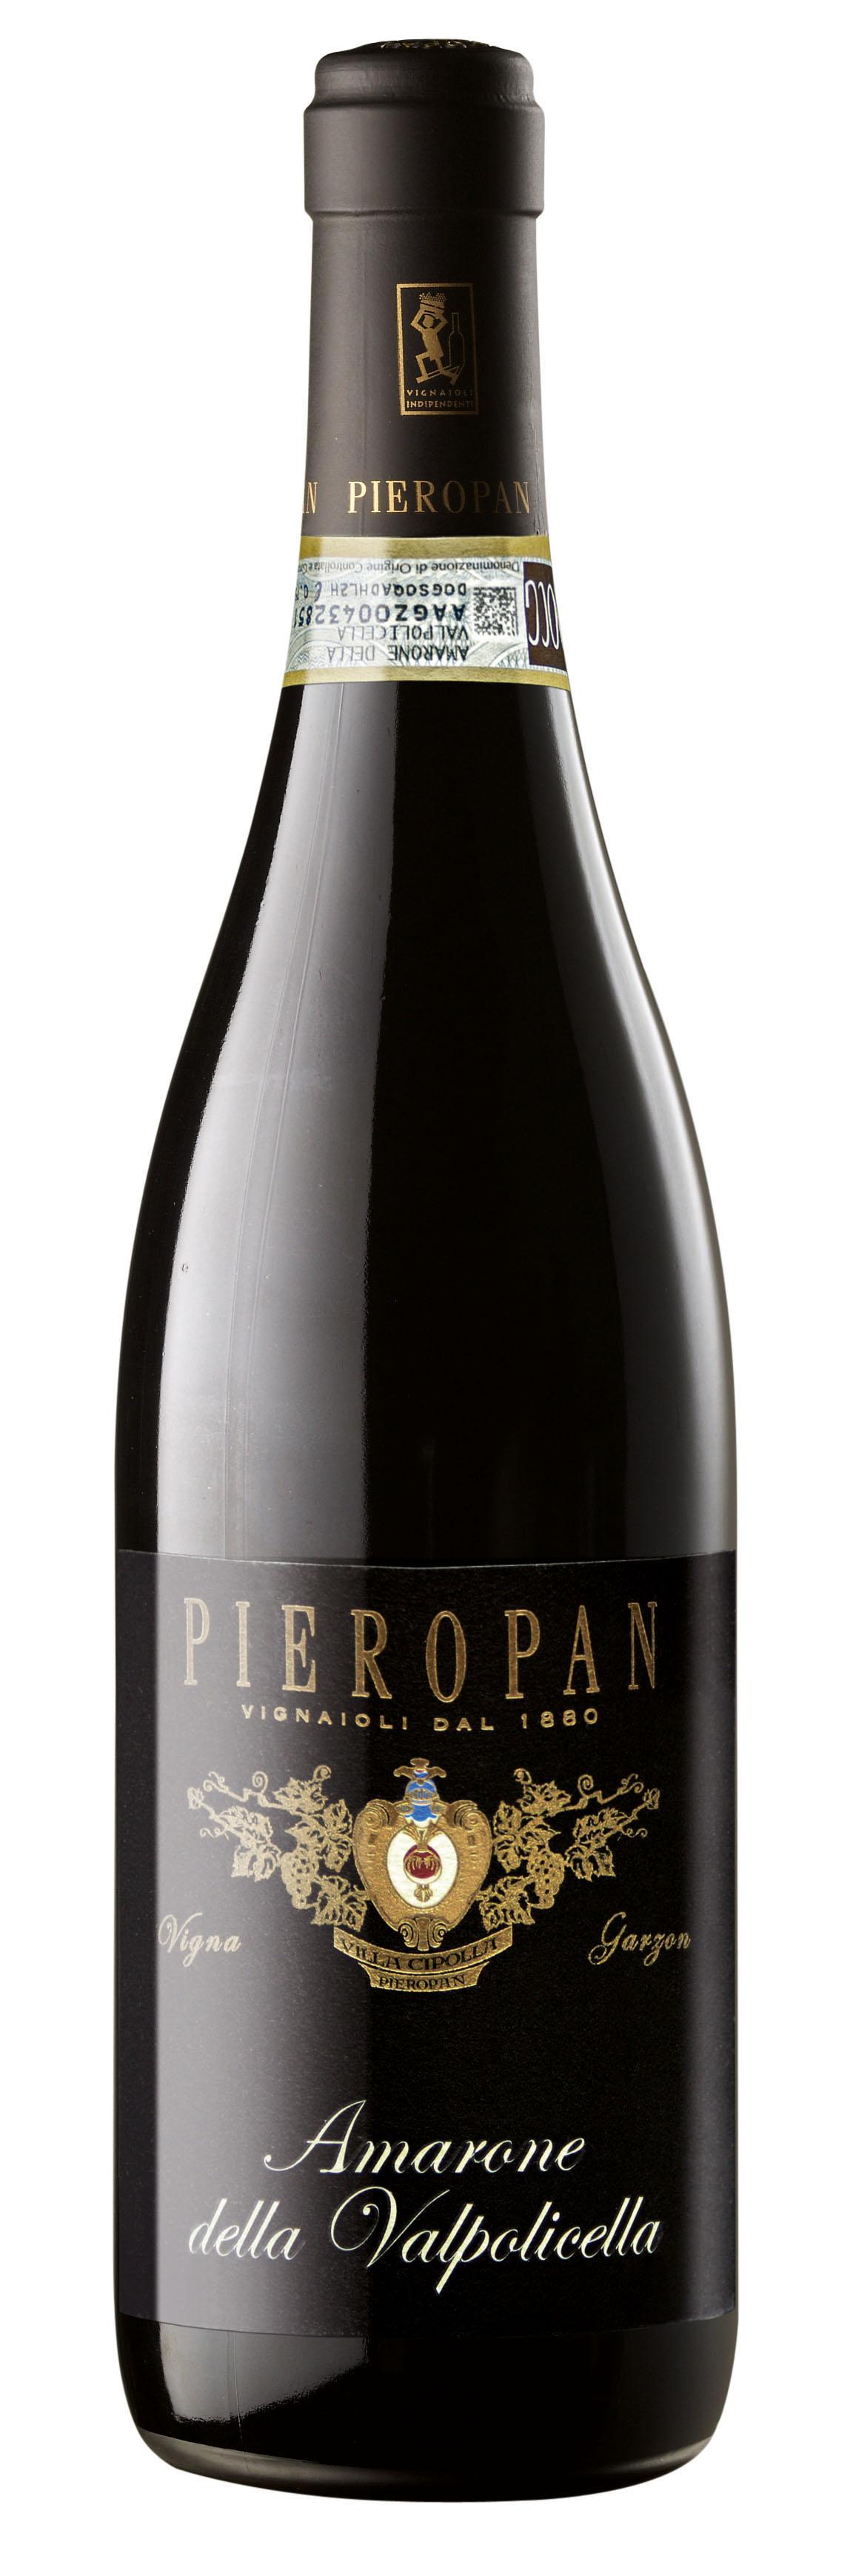 Pieropan, Amarone `Vigna Garzon` 2013